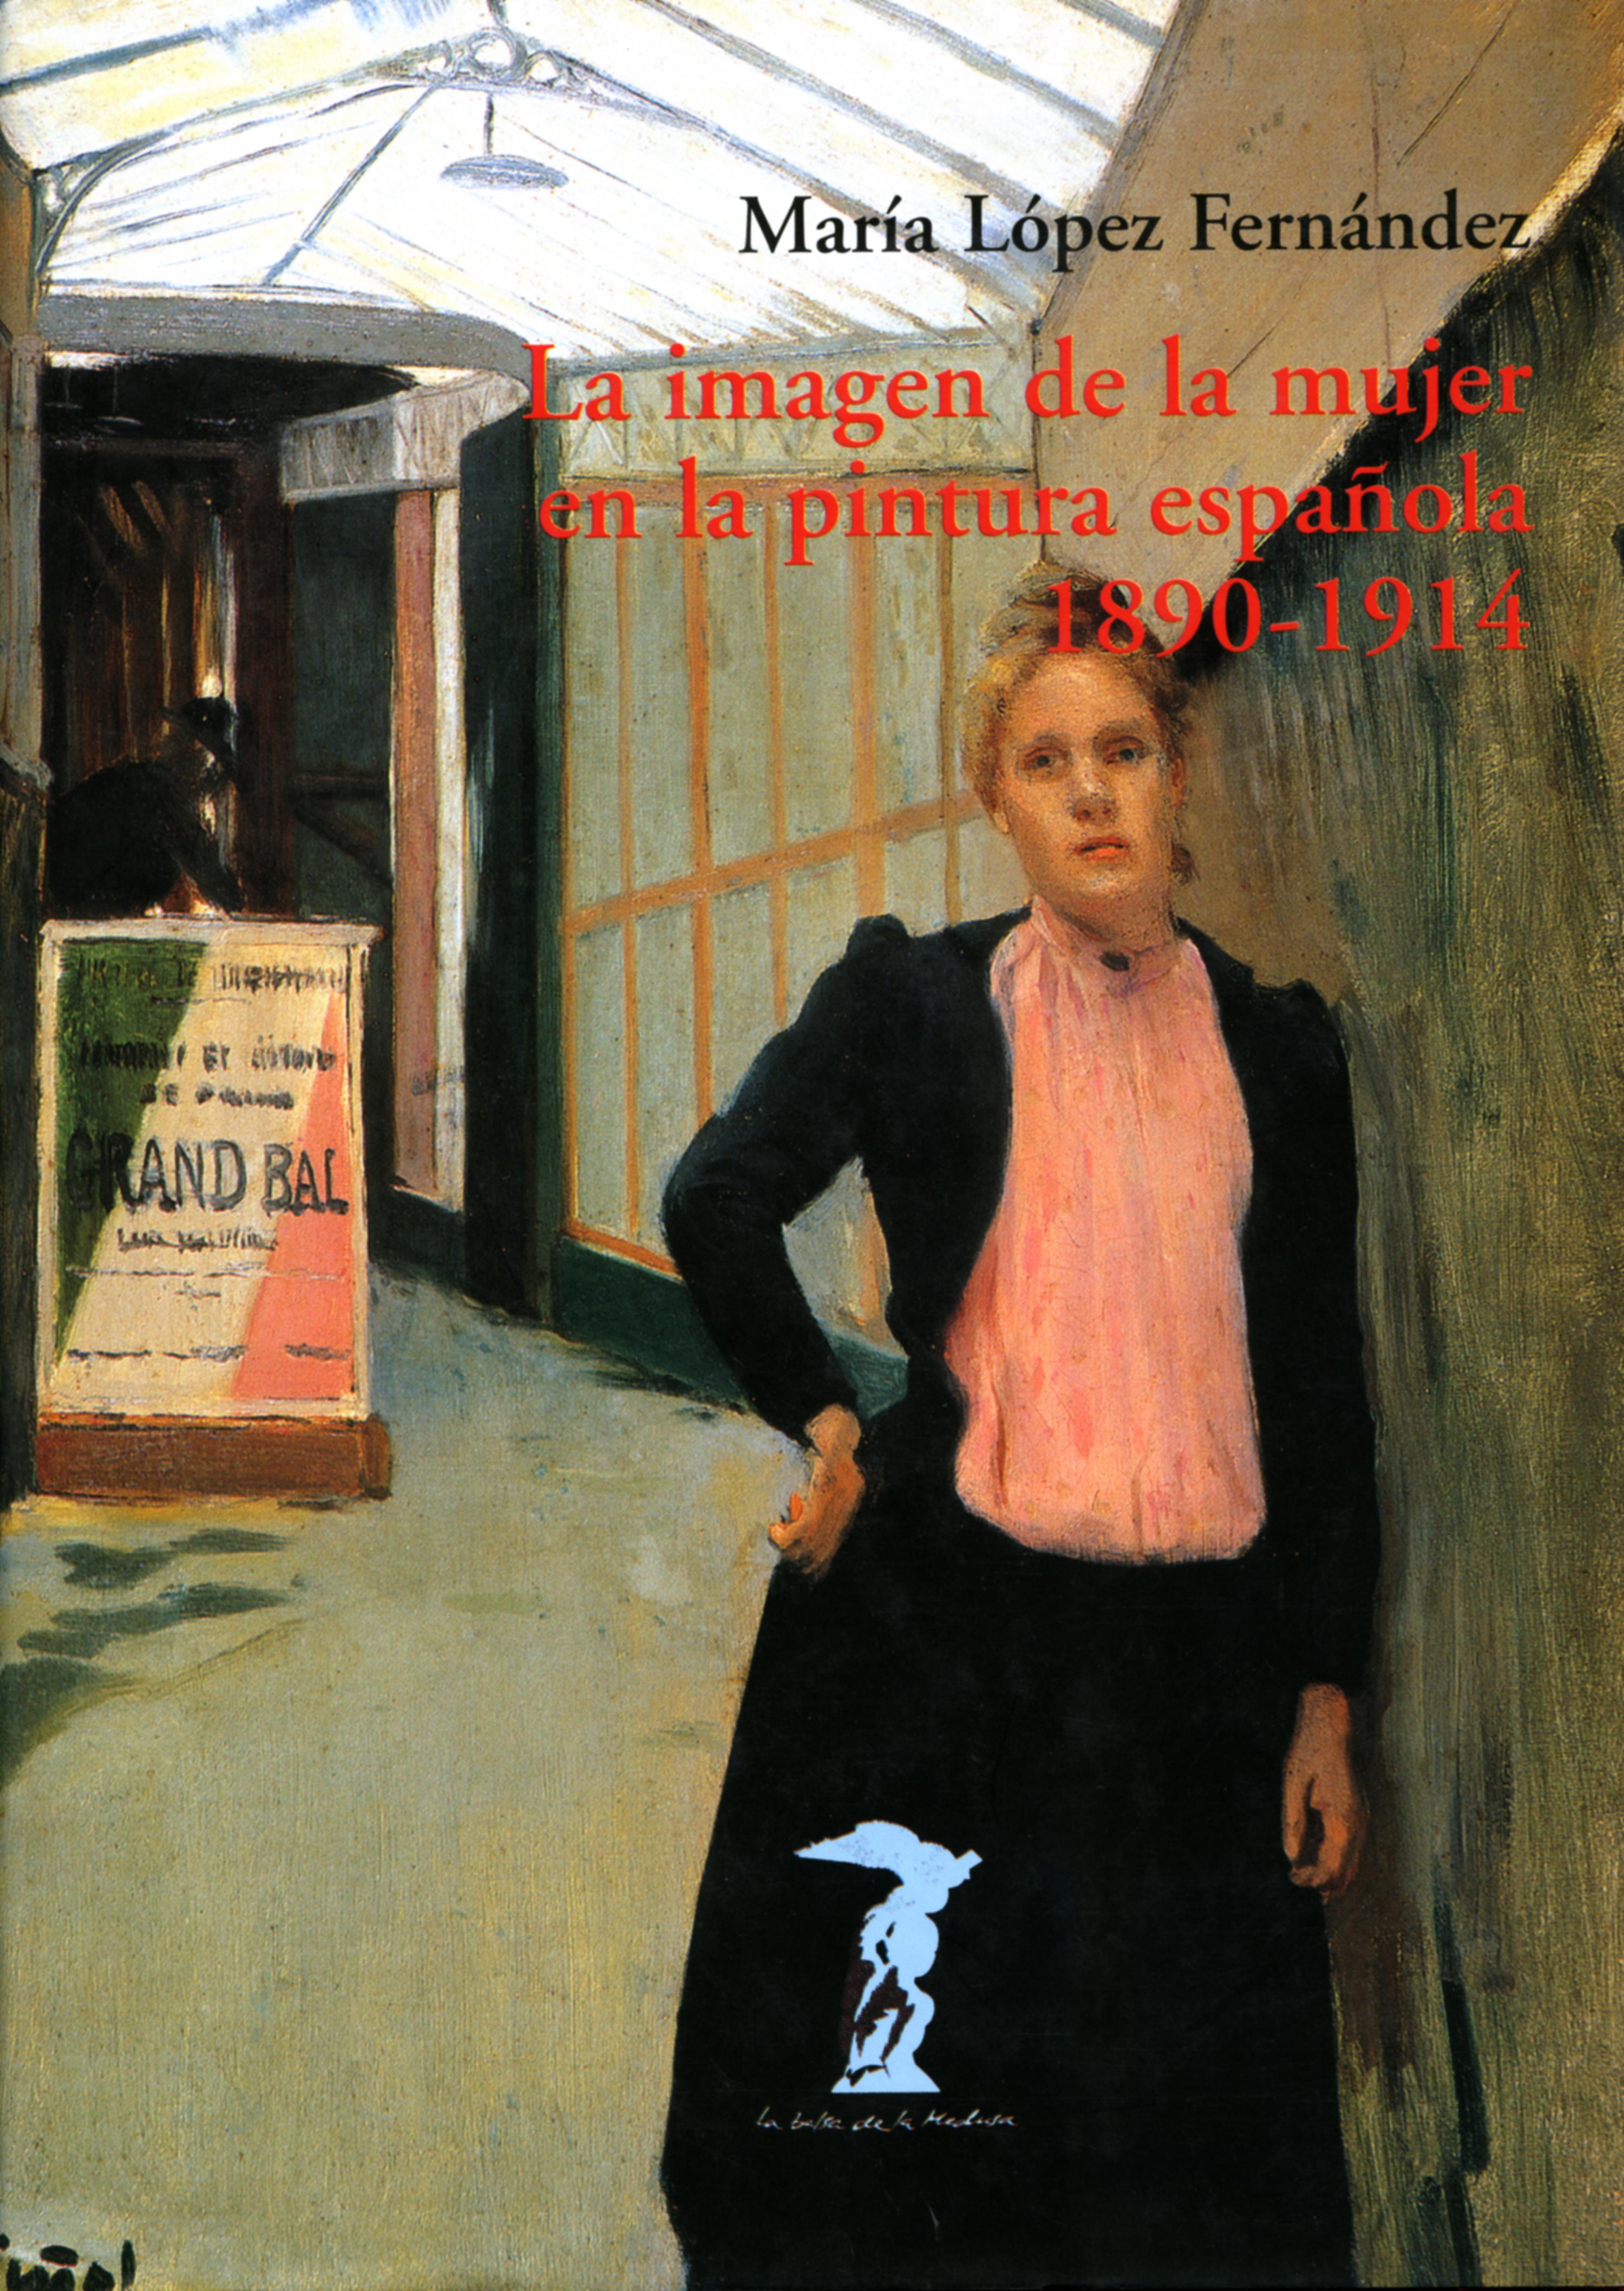 цена María López Fernández La imagen de la mujer en la pintura española. 1890-1914